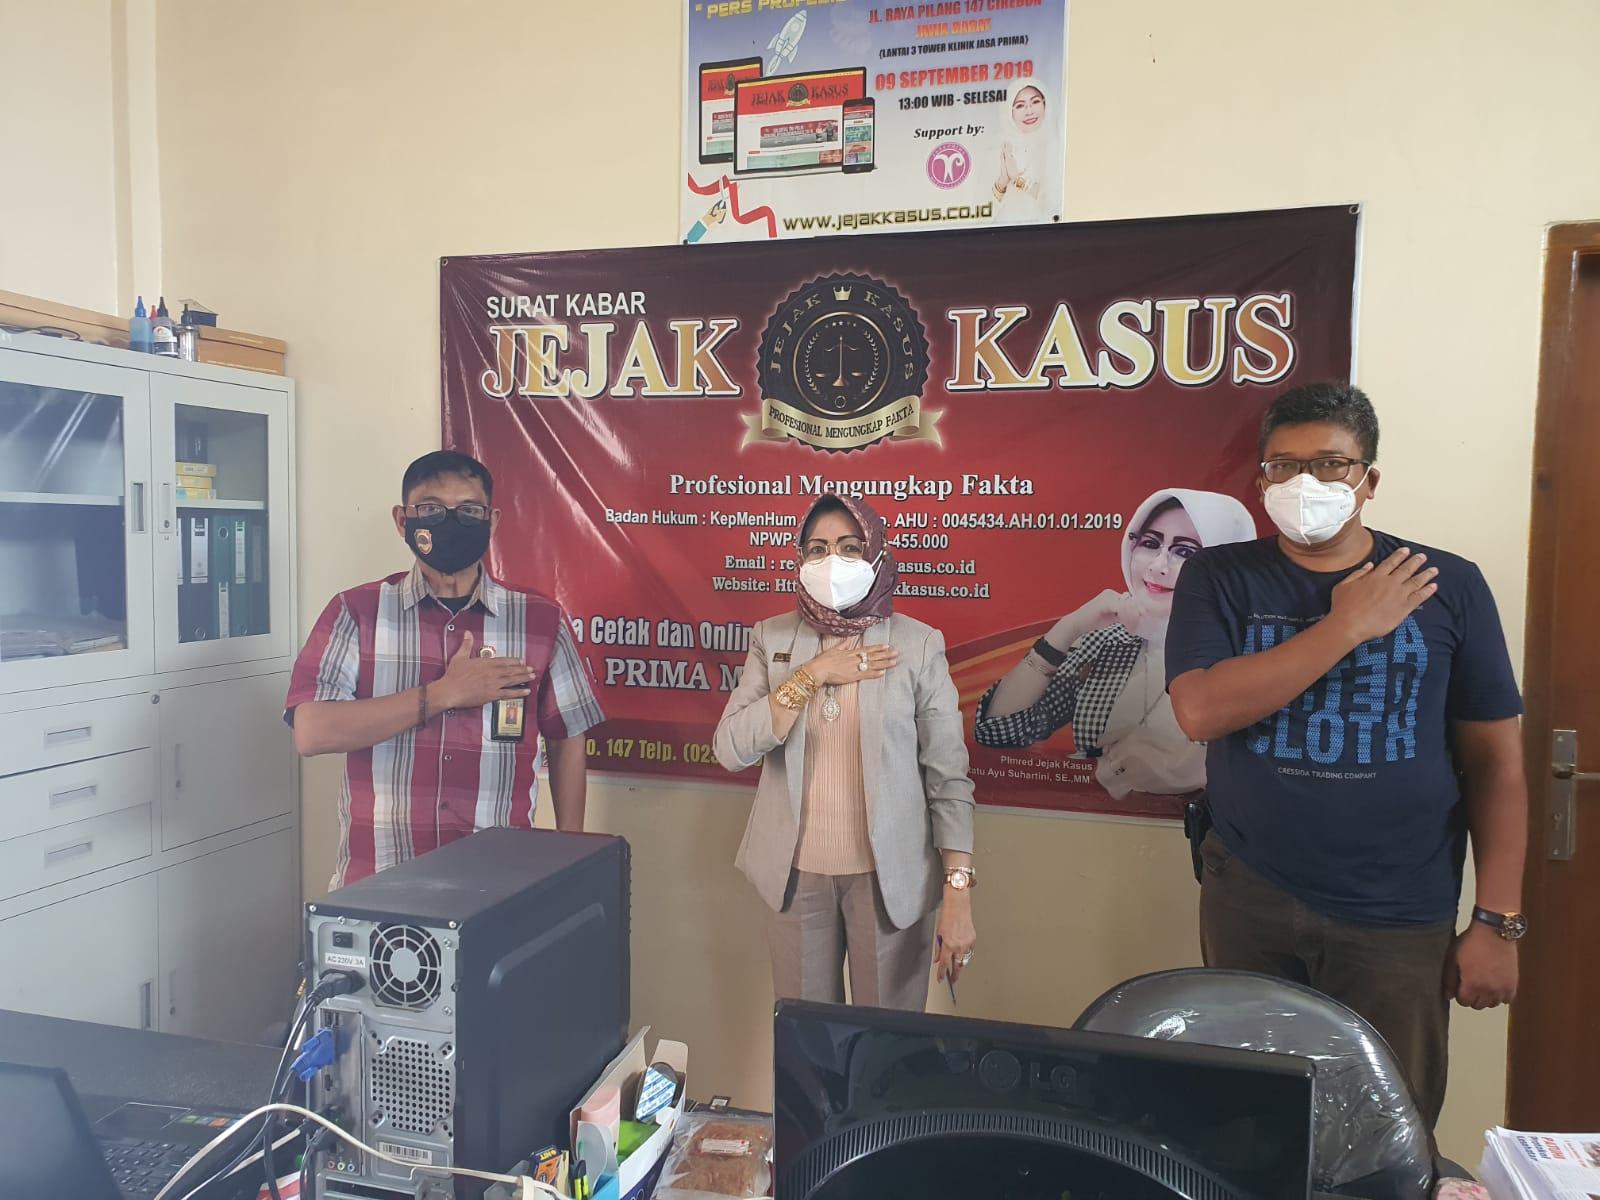 Kasi Humas Polres Cirebon Kota Jalin Silahturahmi ke Kantor Media Cetak dan Online Jejak Kasus